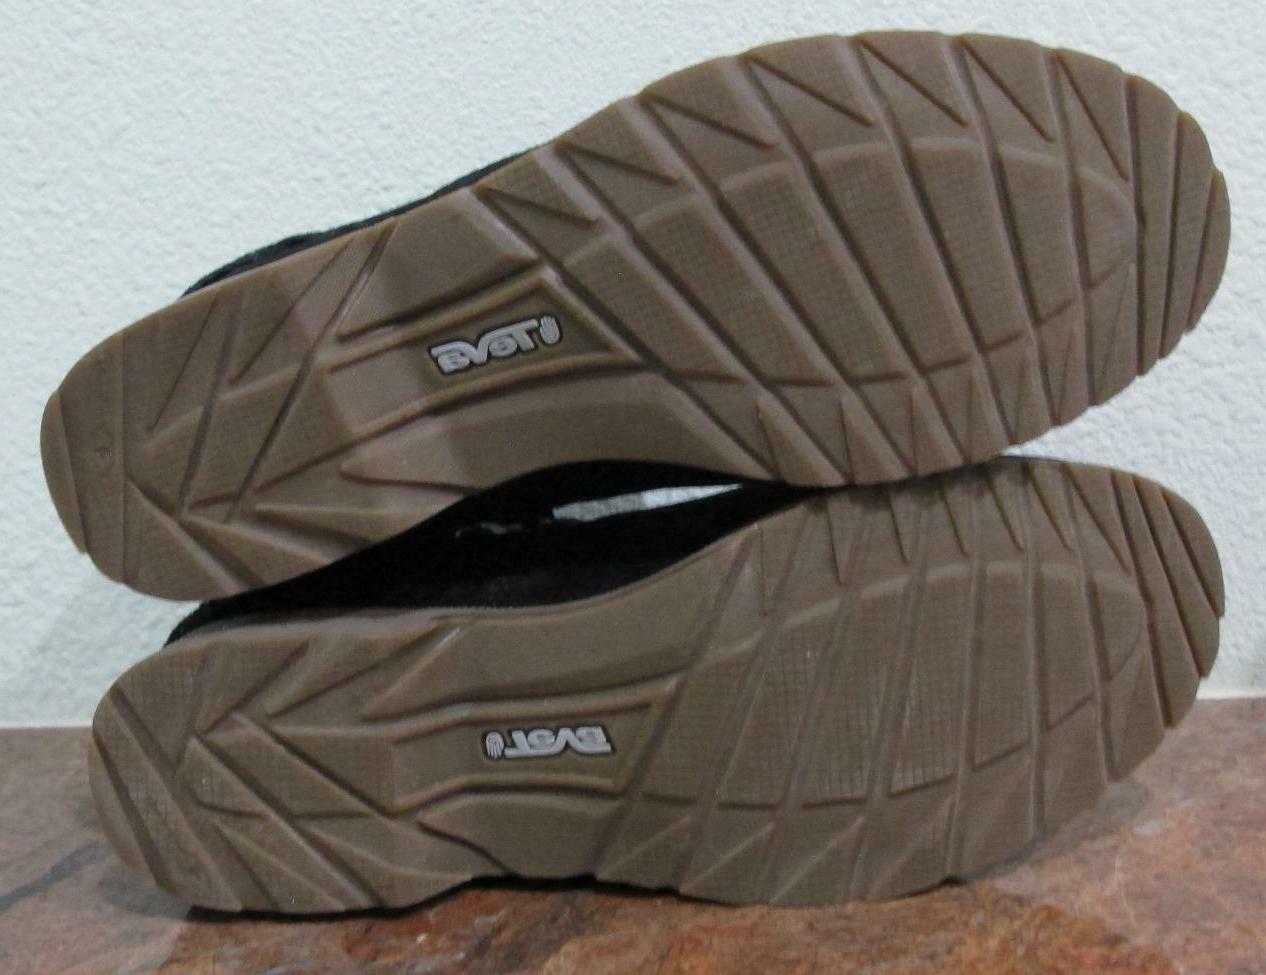 Teva VINA' #1008601 Waterproof Black Ankle